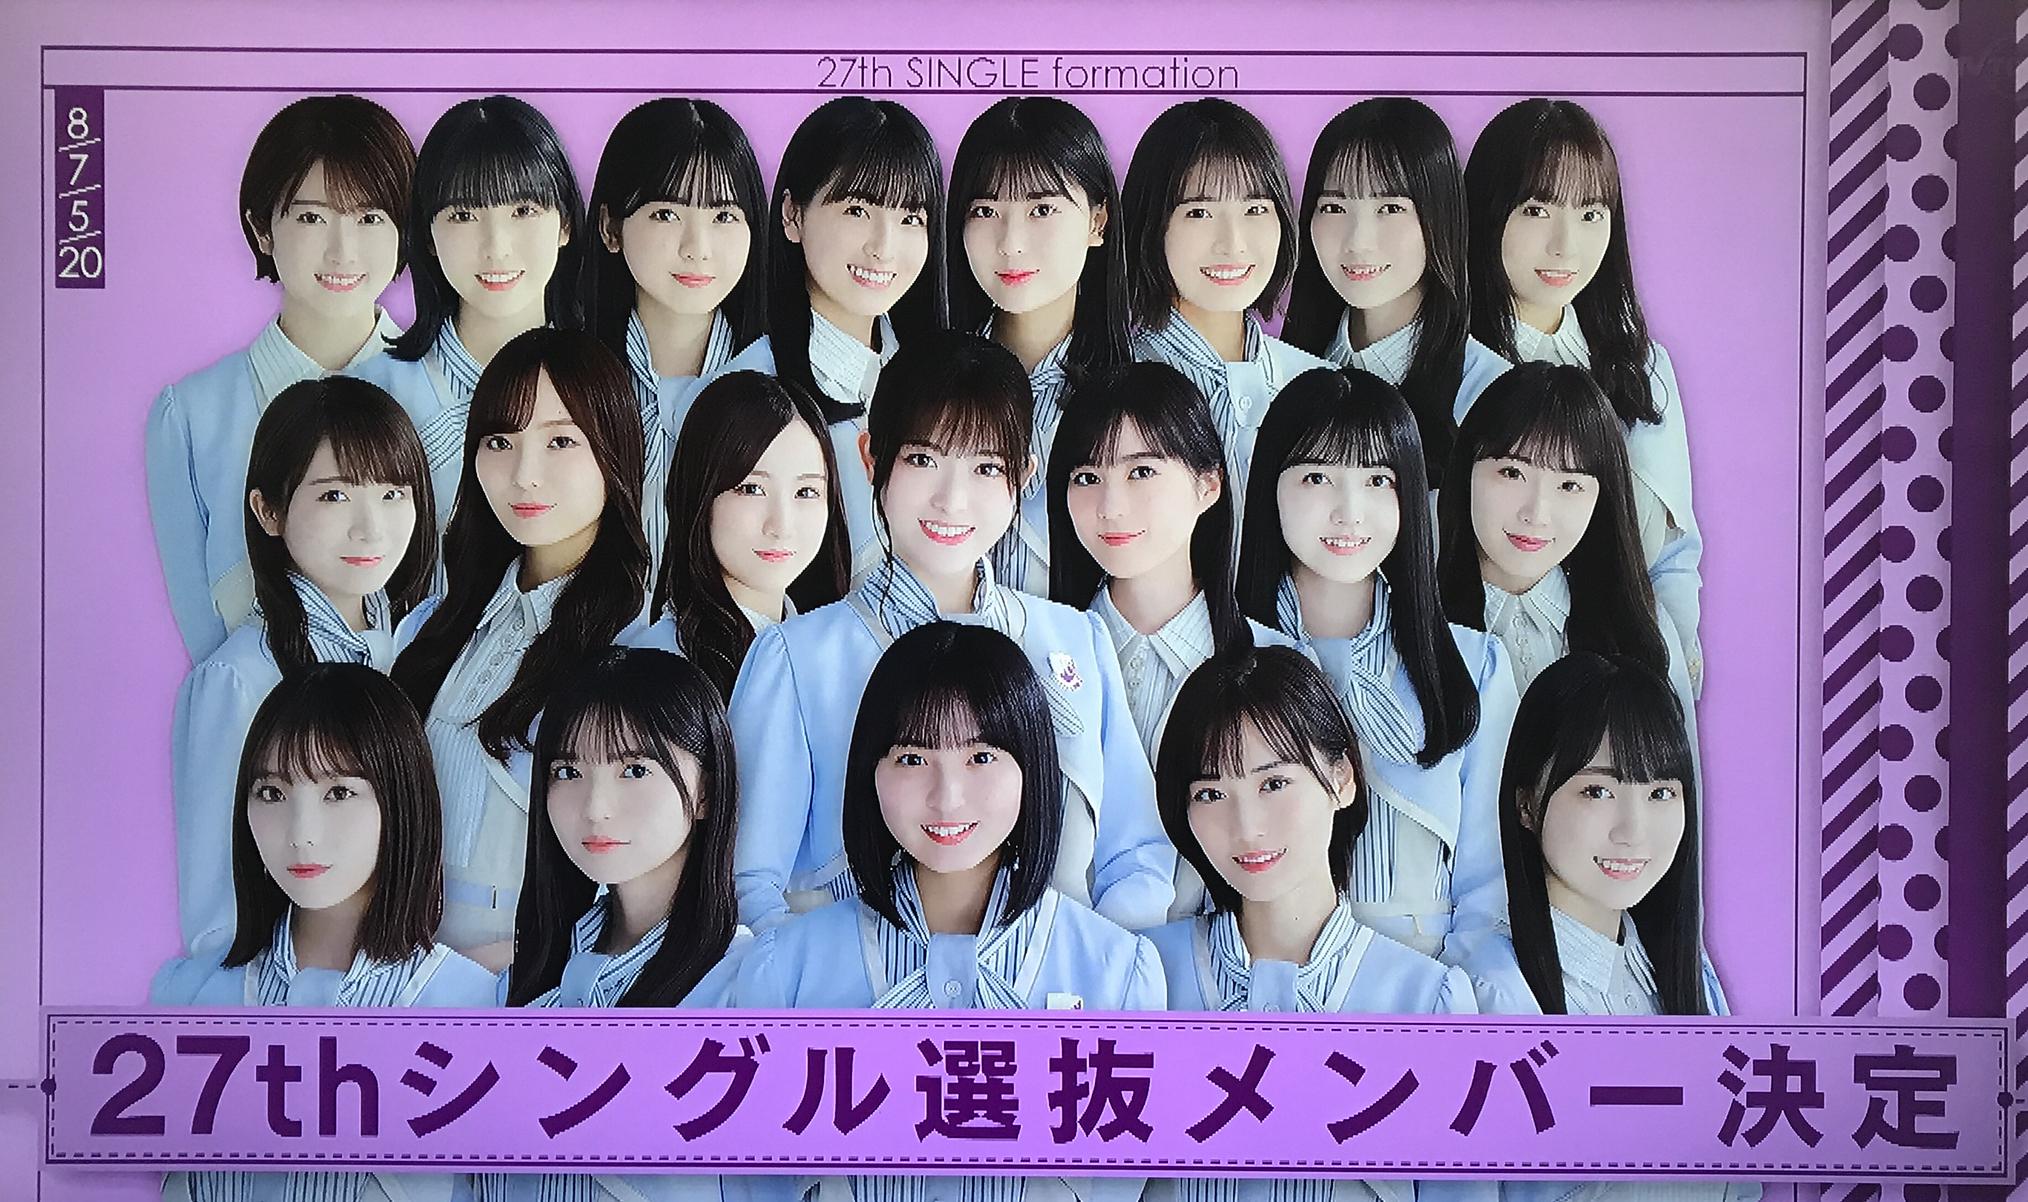 27th選抜メンバー